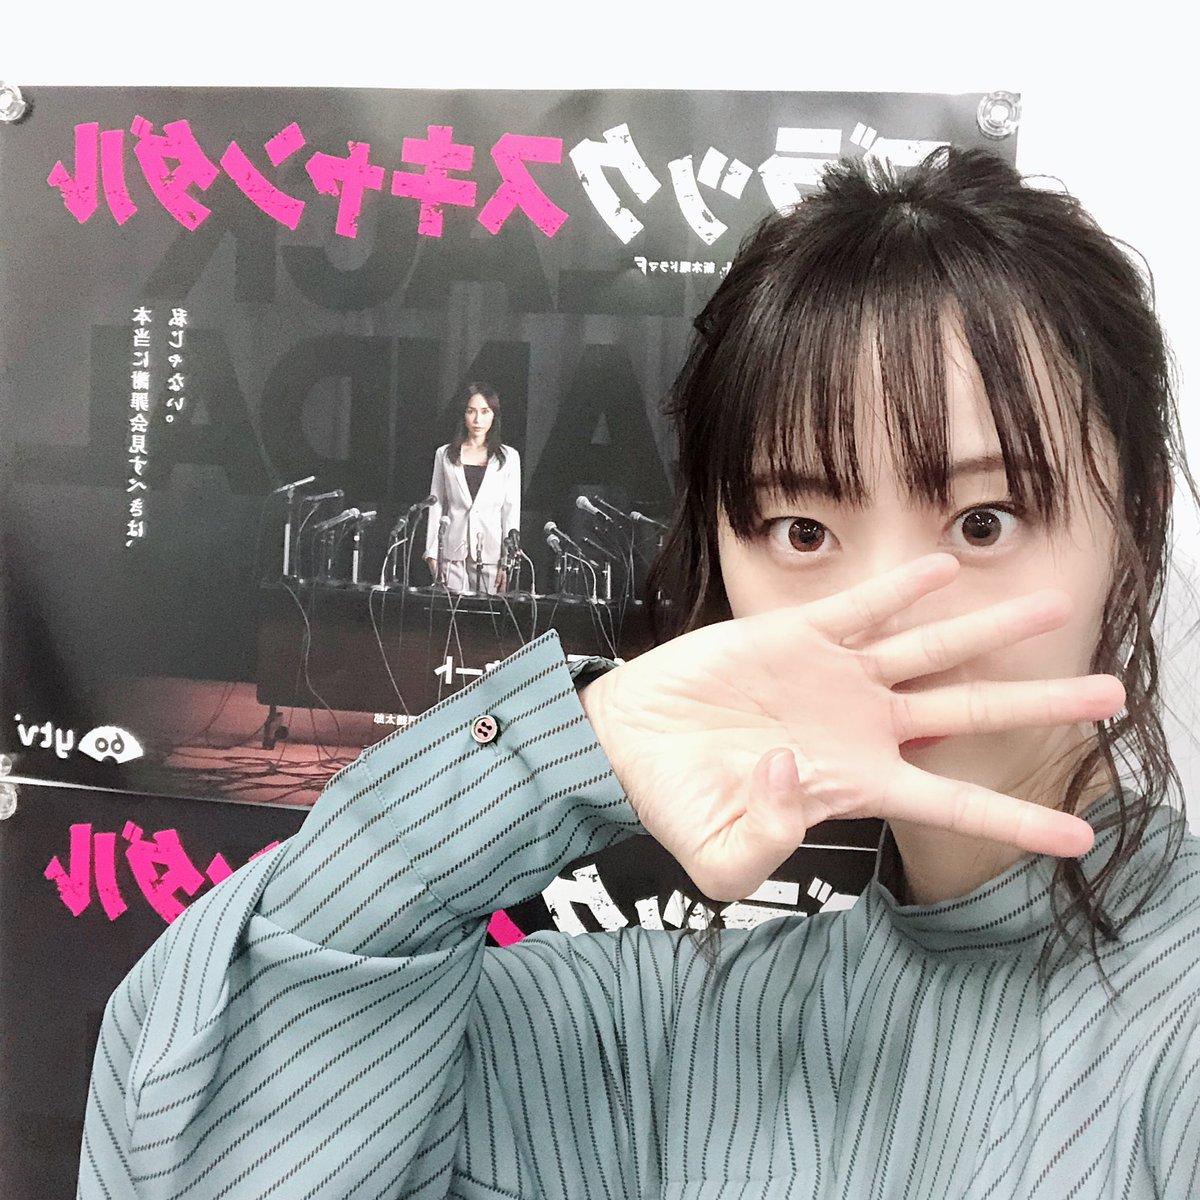 RT @renampme: ブラックスキャンダル。今夜第4話放送です。 巻田さんもとい、松井の大好きな仁さんが大活躍?の第4話です。 昨日撮影の話聞いててお腹がよじれましたが、本編では、、、どうなっているのか #ブラックスキャンダル https://t.co/oj9eDjsGSU